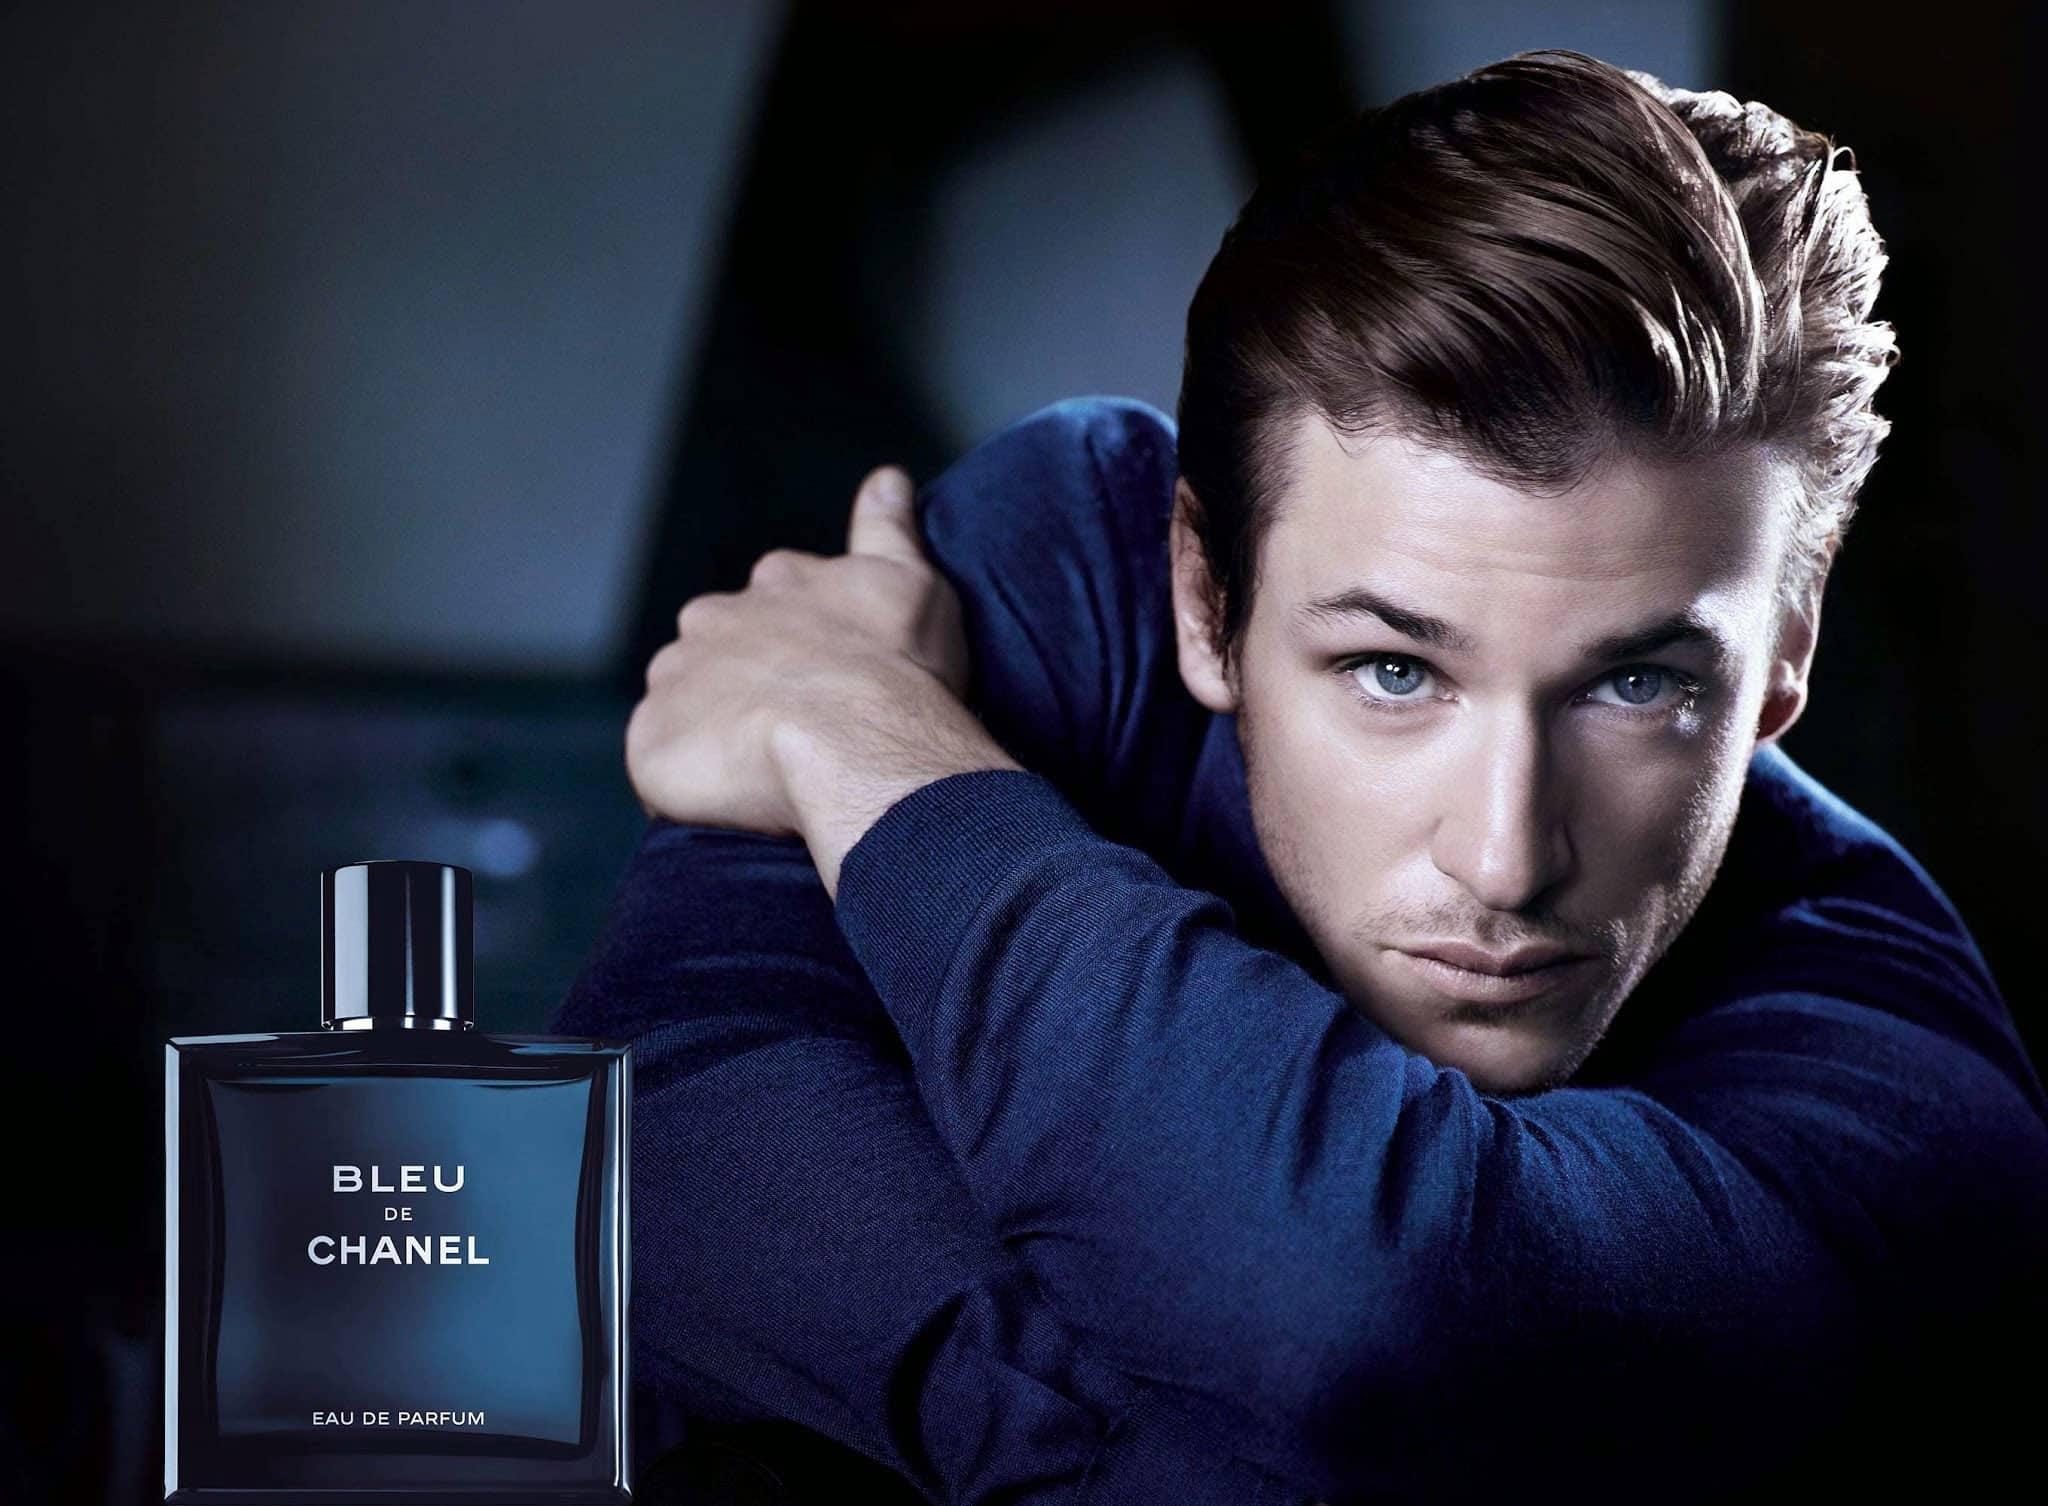 Daftar Parfum Pria Terbaik